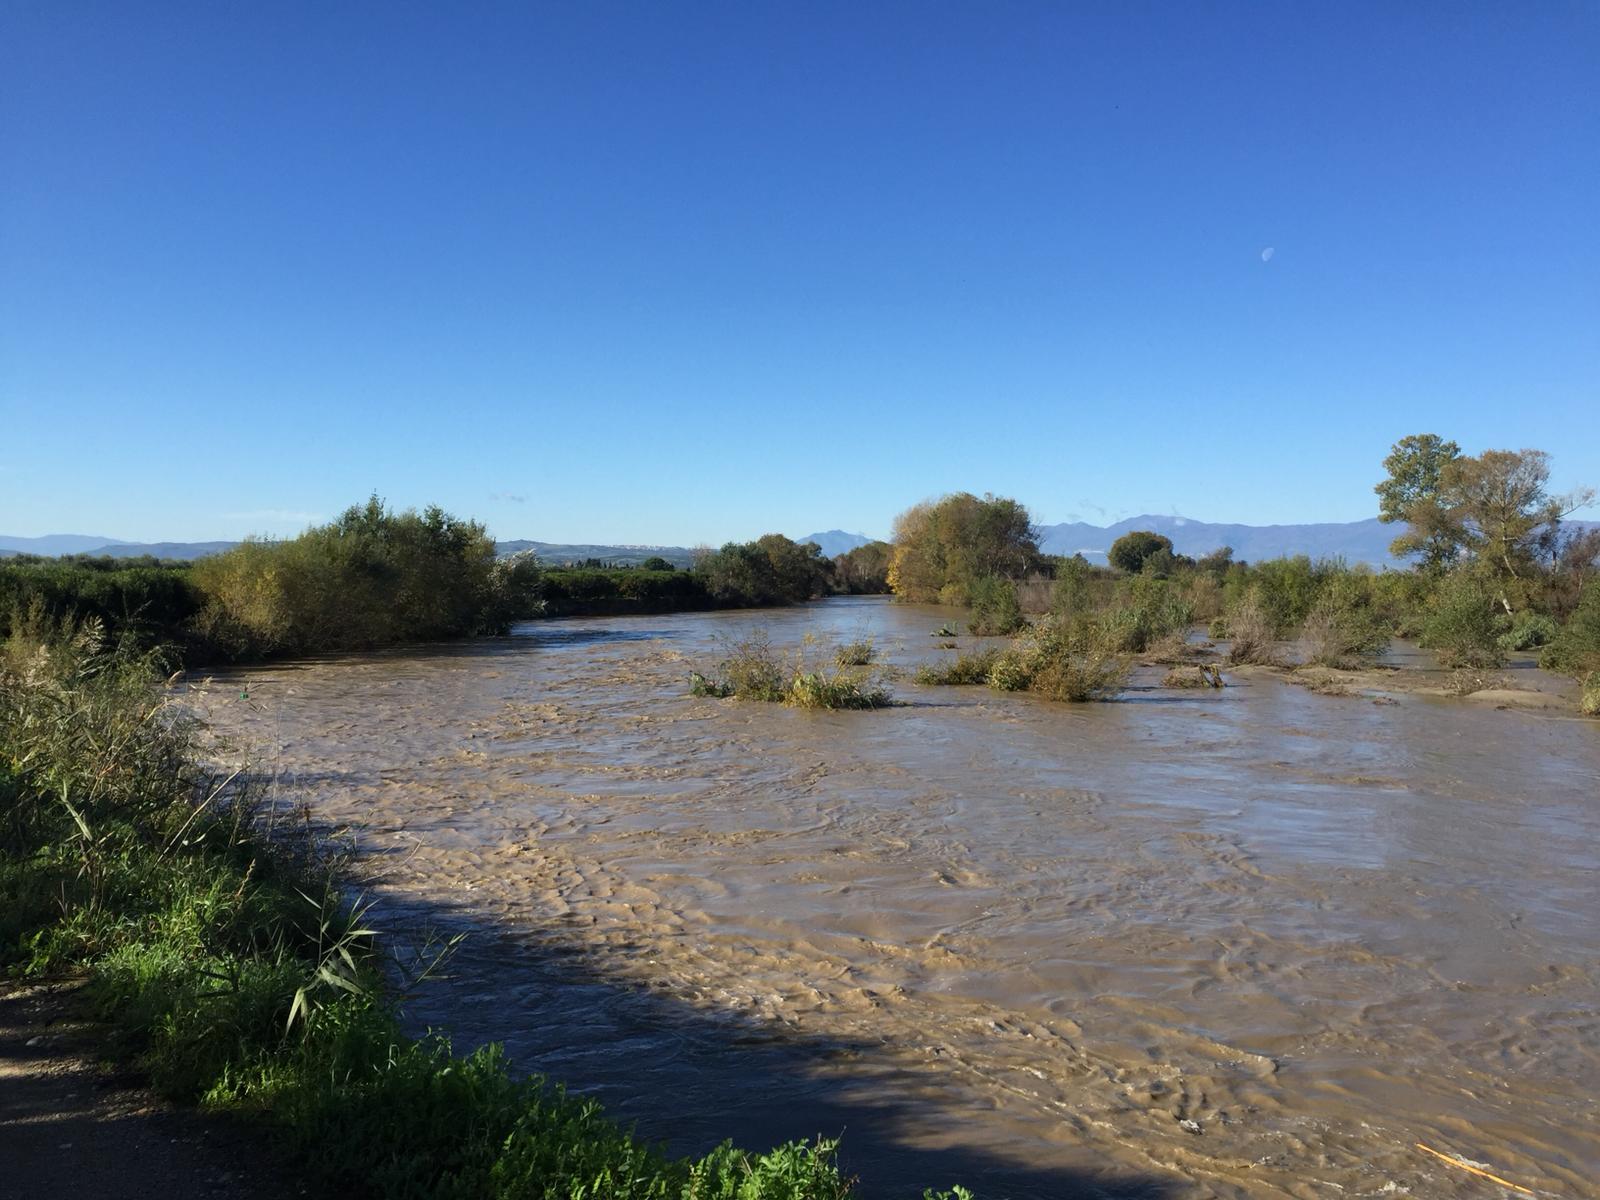 L'onda di piena del fiume Crati 2